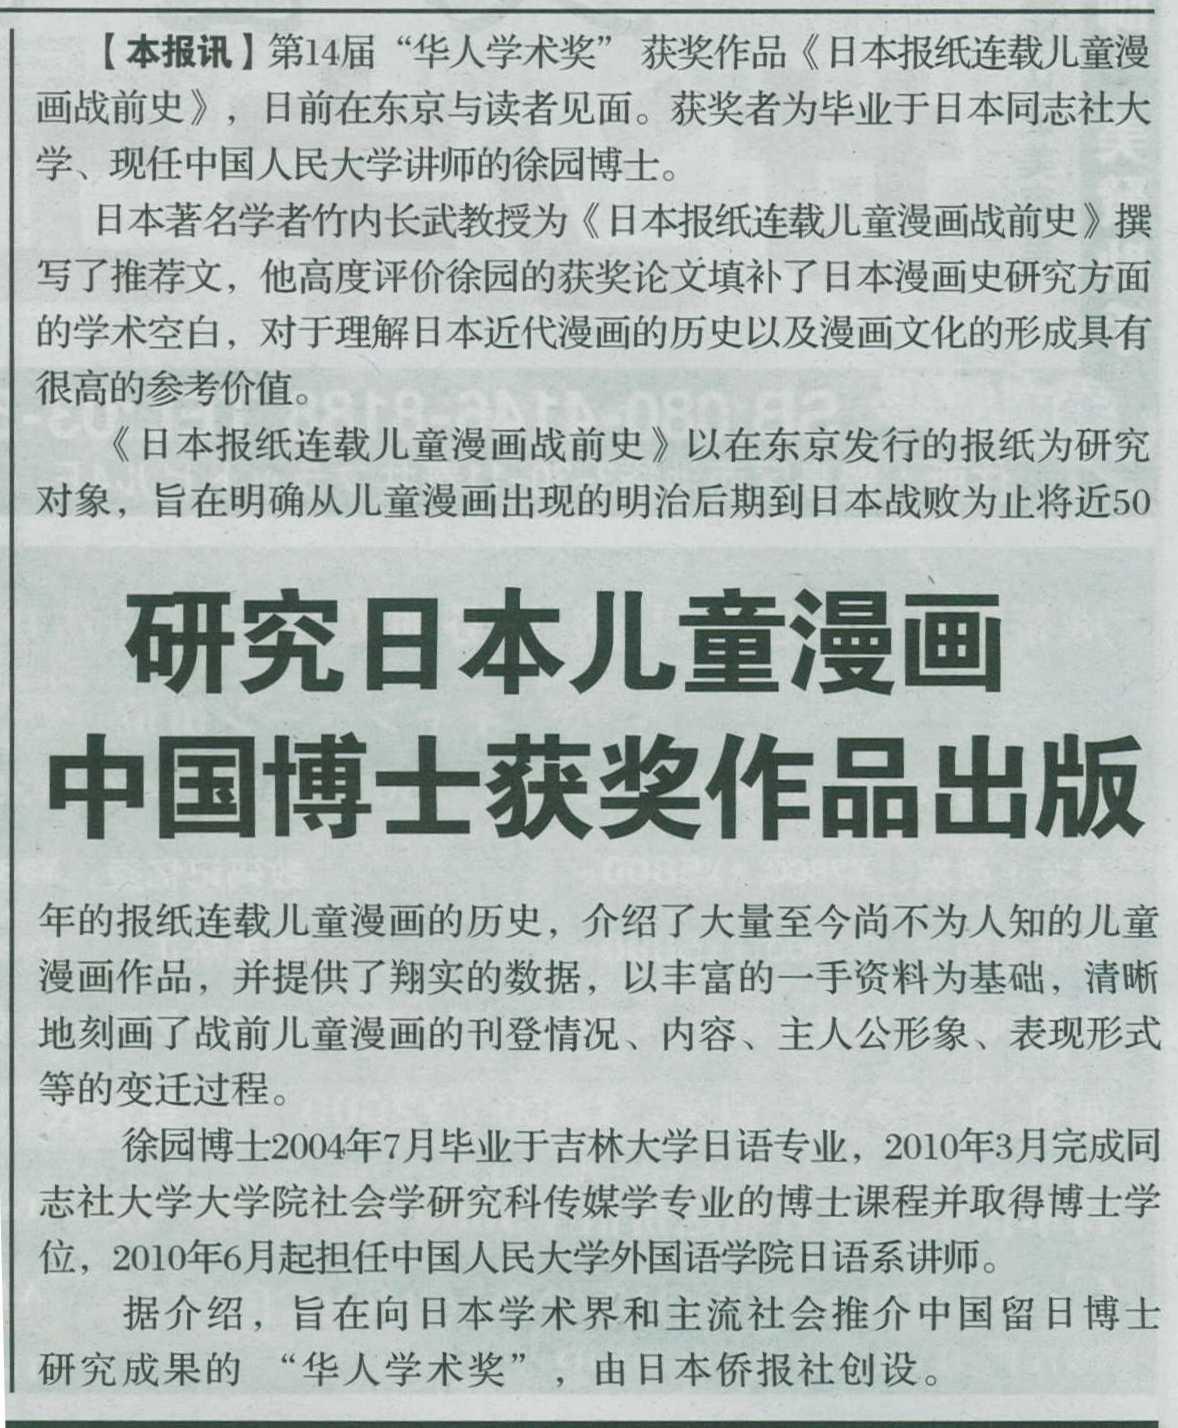 13日発行の華風新聞、第14回華人学術賞受賞作品刊行を報道_d0027795_17221815.jpg